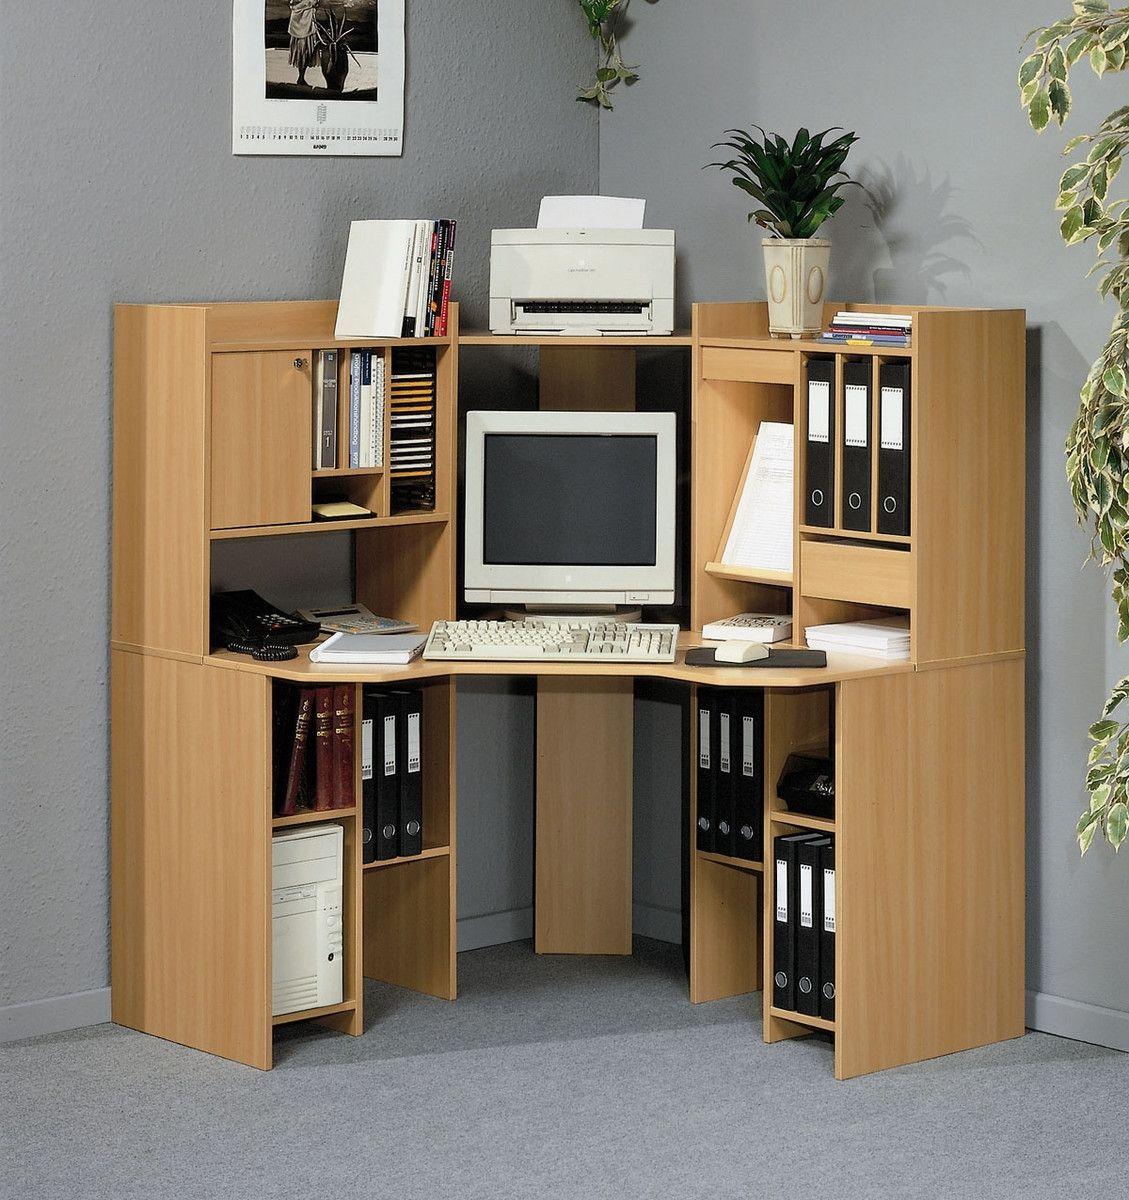 Wood Corner Computer Desks For Home. Moderne SitzgruppenWestliche  WohnzimmerRustikale WohnzimmermöbelWohnräumeComputertische Fürs ZuhauseKleine  ... Awesome Ideas